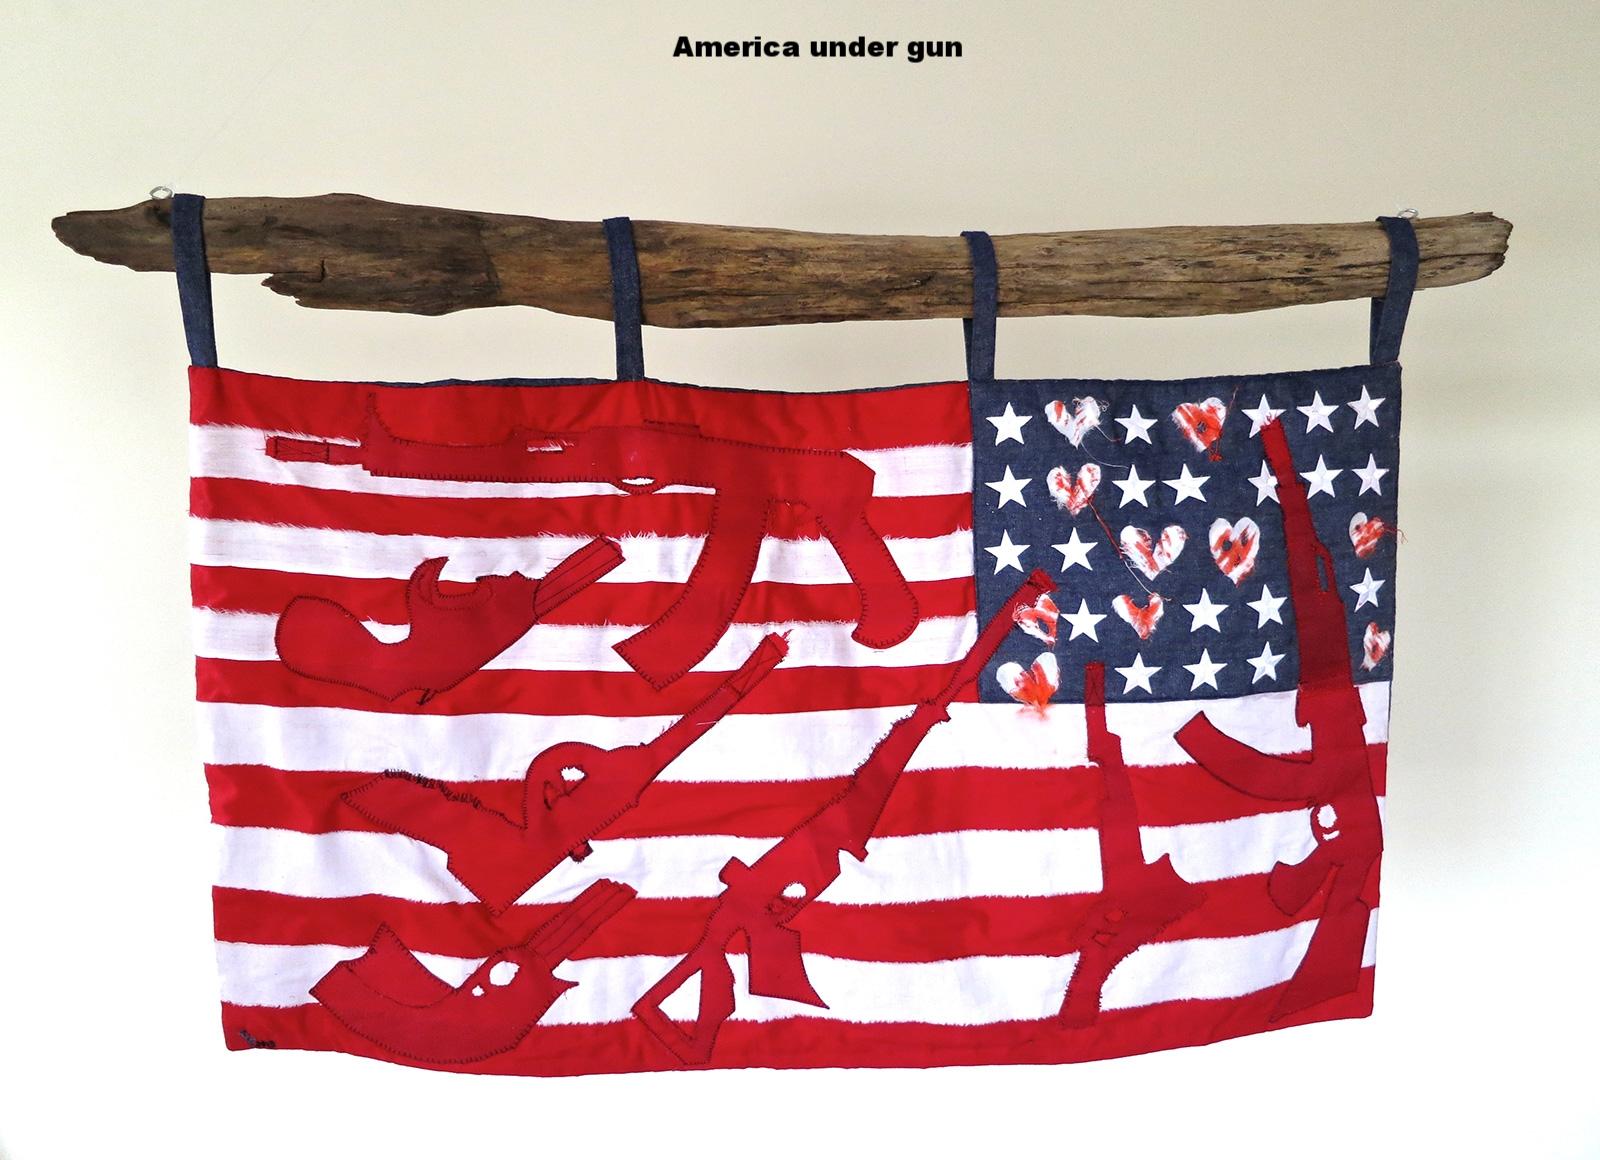 America under gun